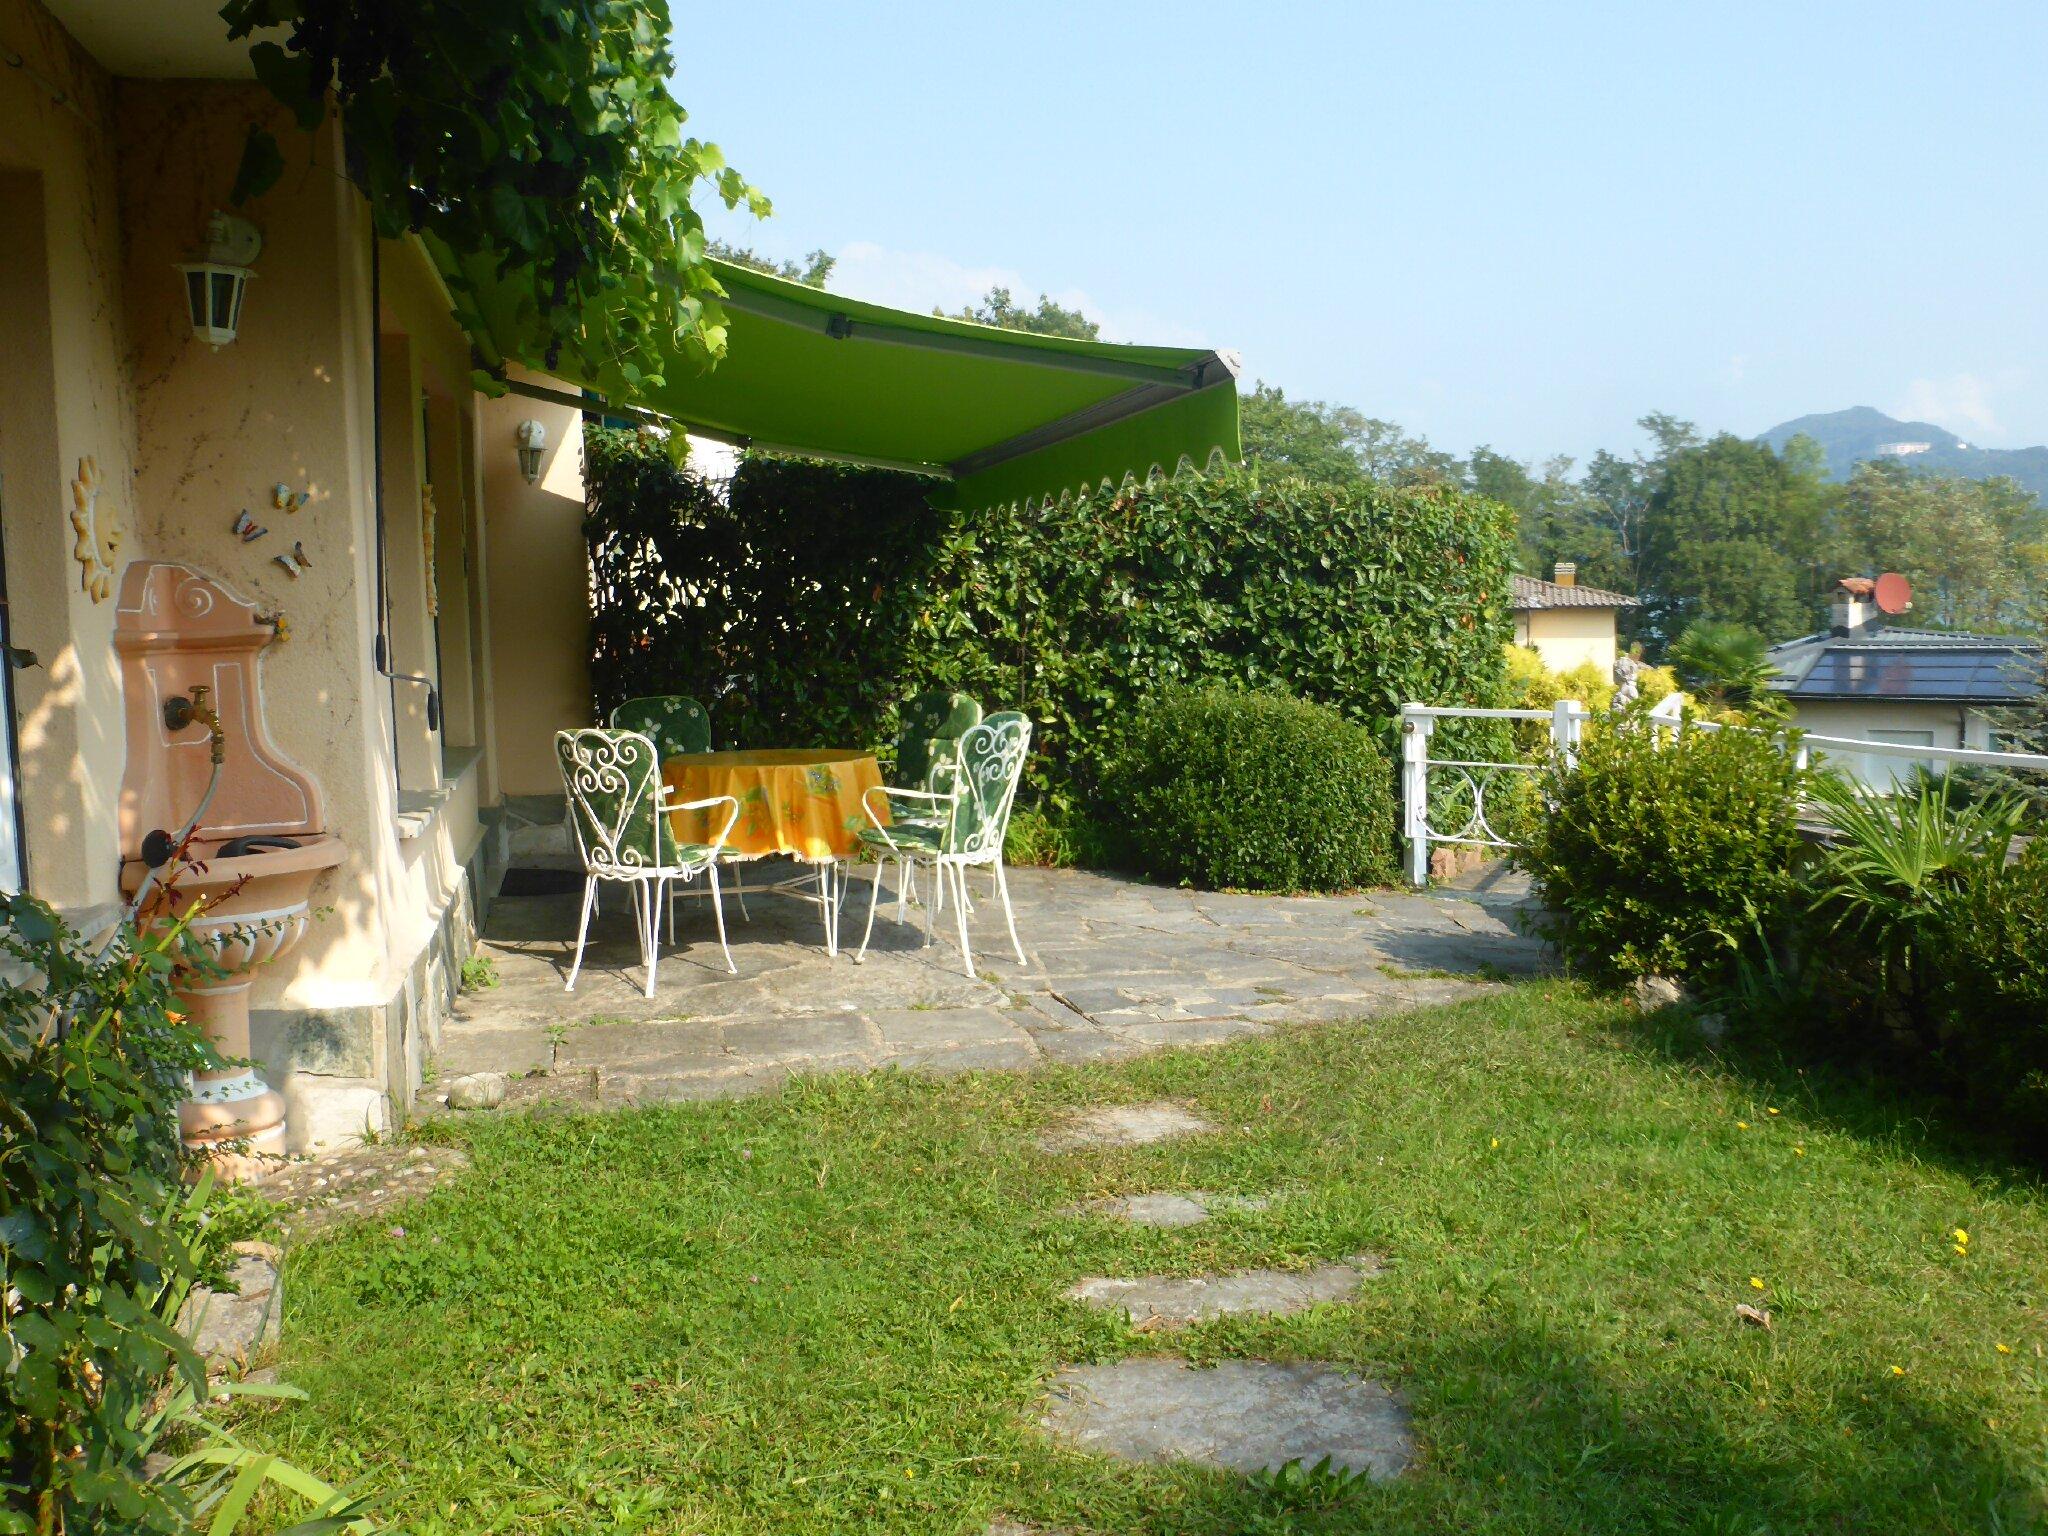 Villaggio Montelago